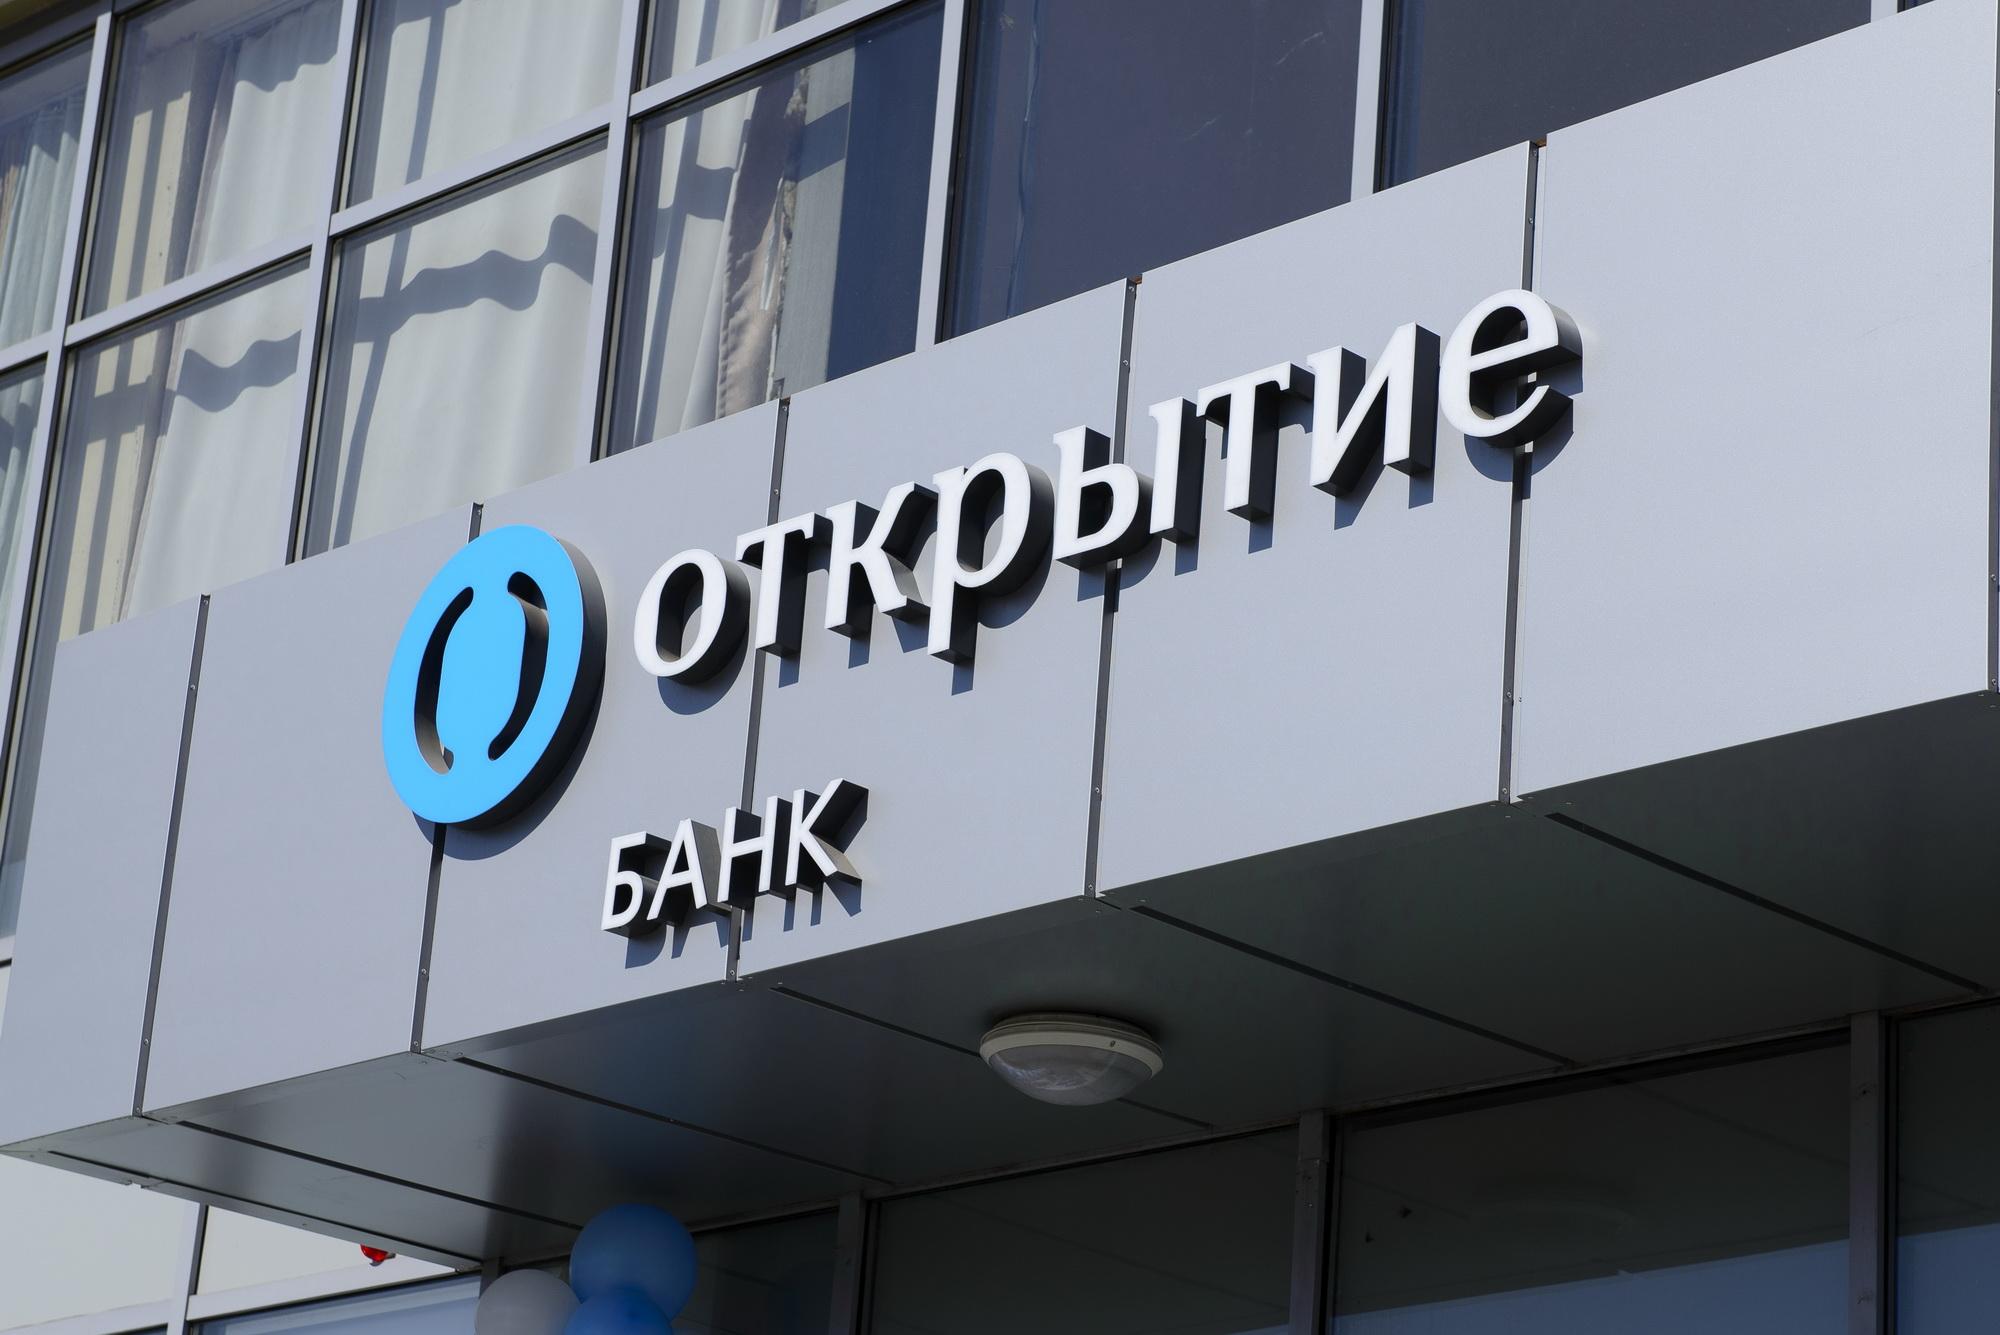 Банк «Открытие» запустил онлайн технологию для юридических лиц по работе с наличной выручкой